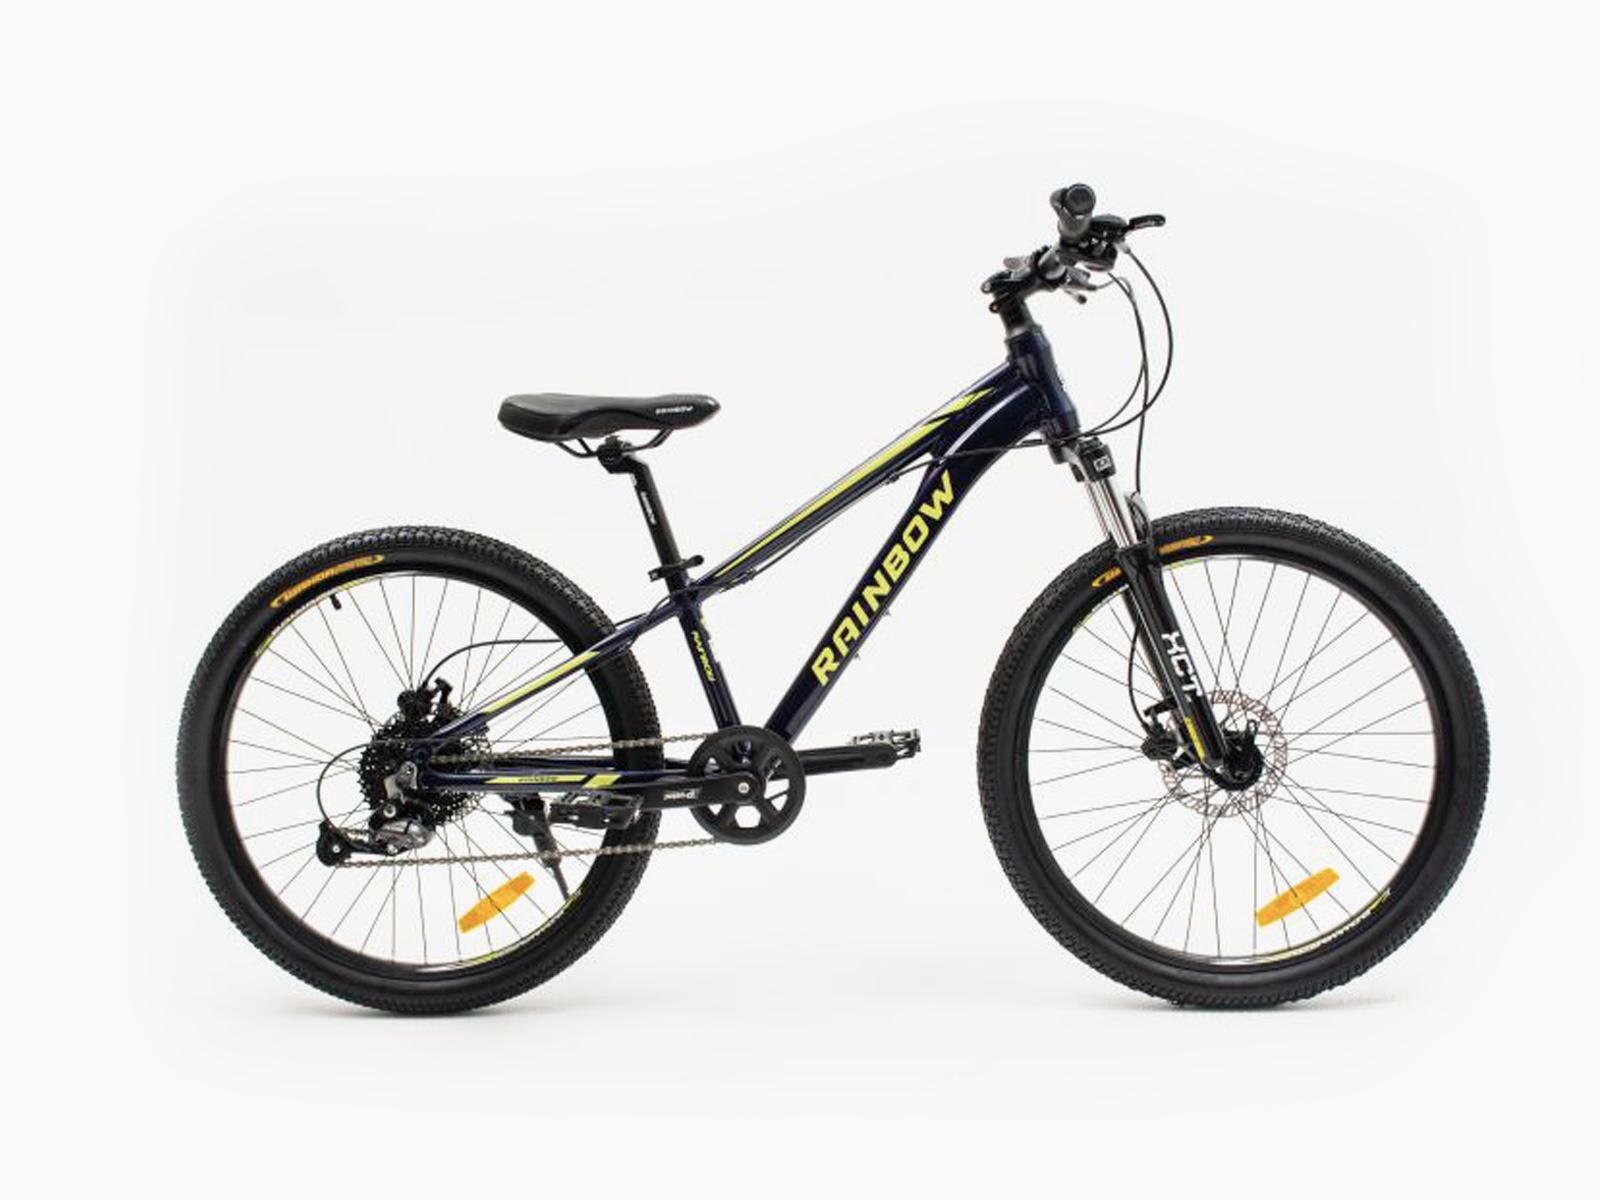 אופני הרים לילדים 20 אינטש RAINBOW R7 COMP KID